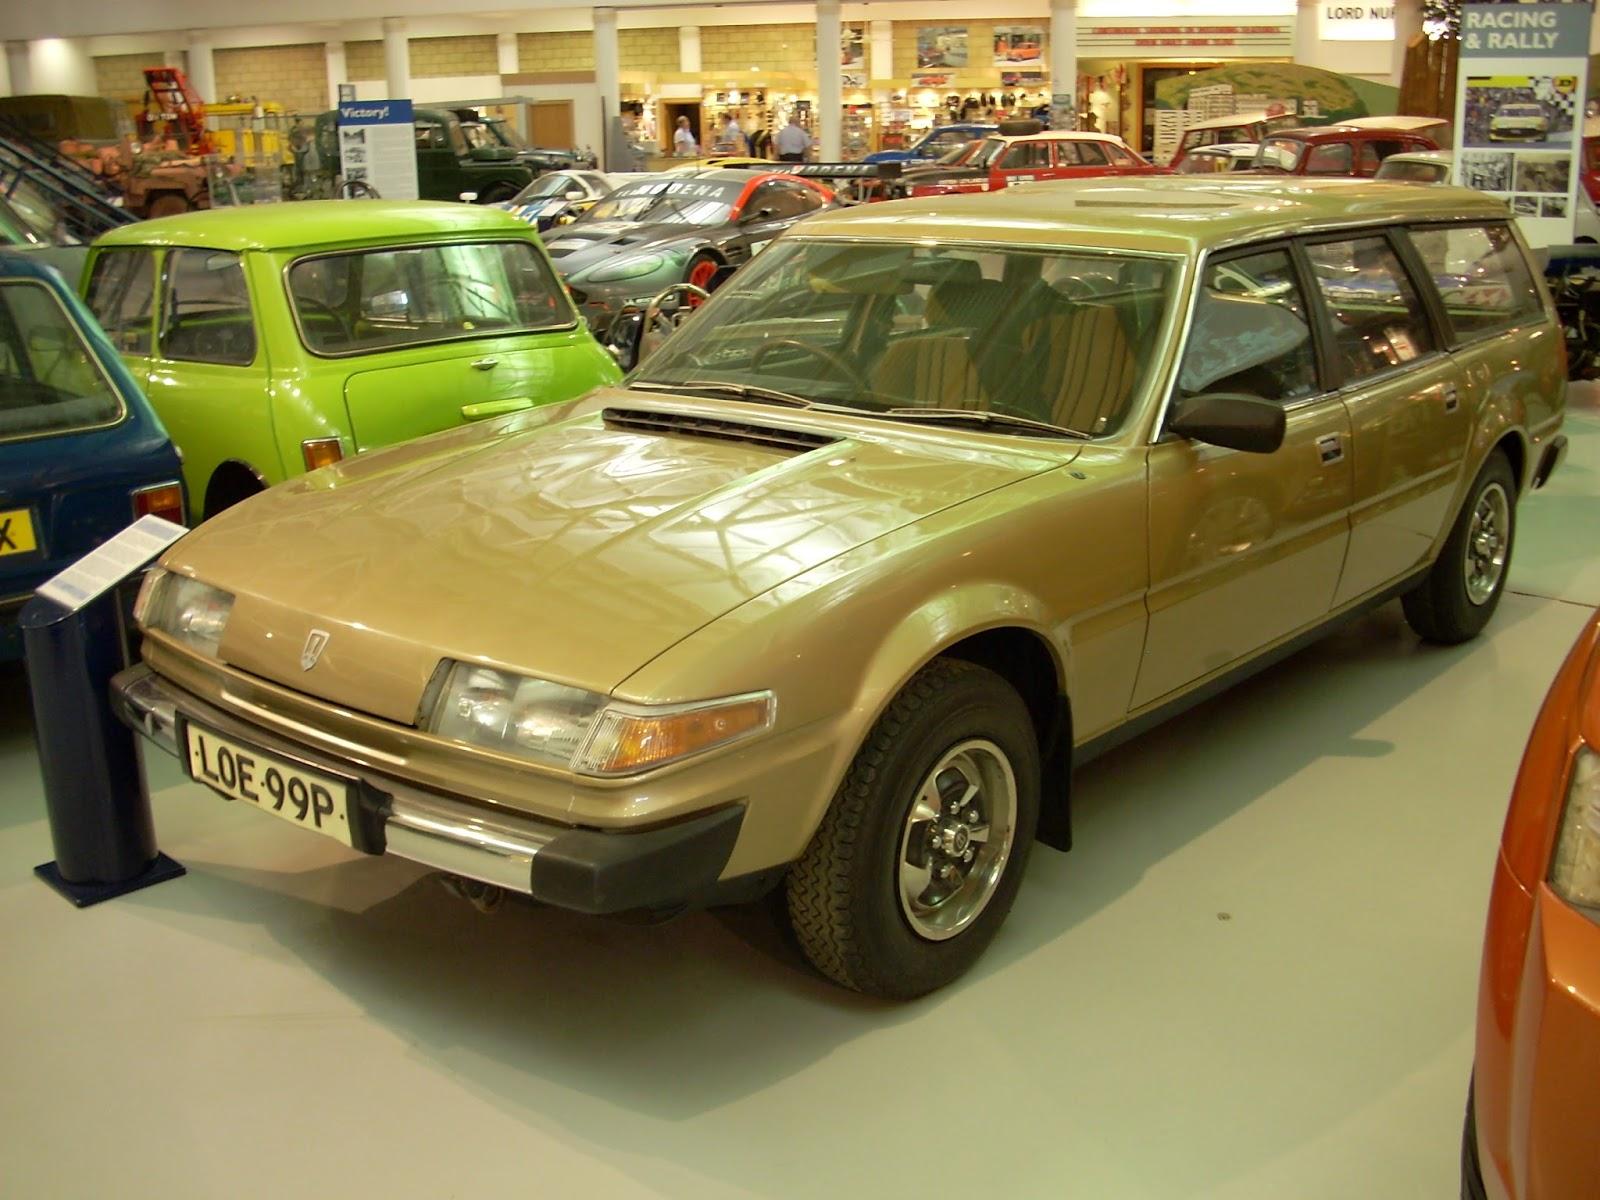 Rusty Old Rubbish: Dream cars: Rover SD1 estate